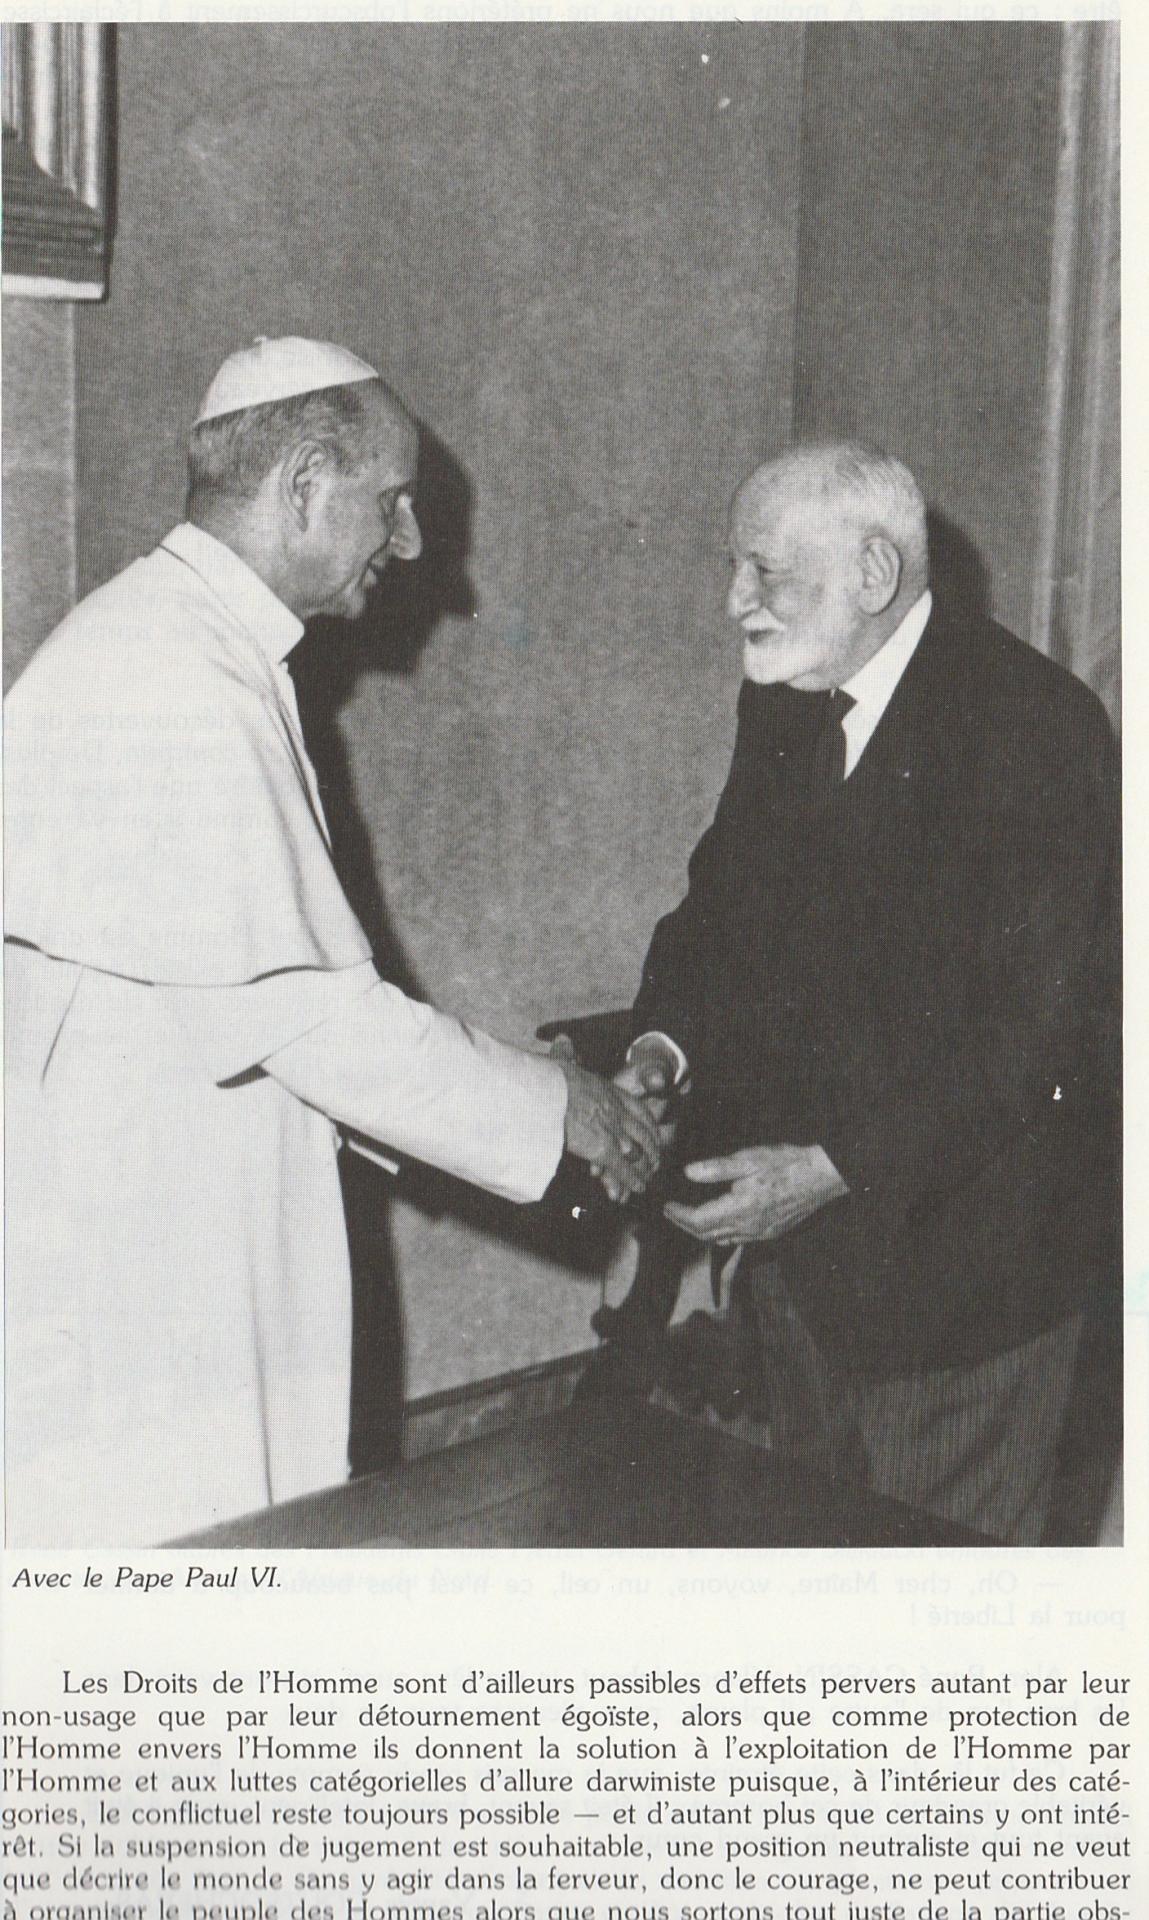 Rene cassin et le pape